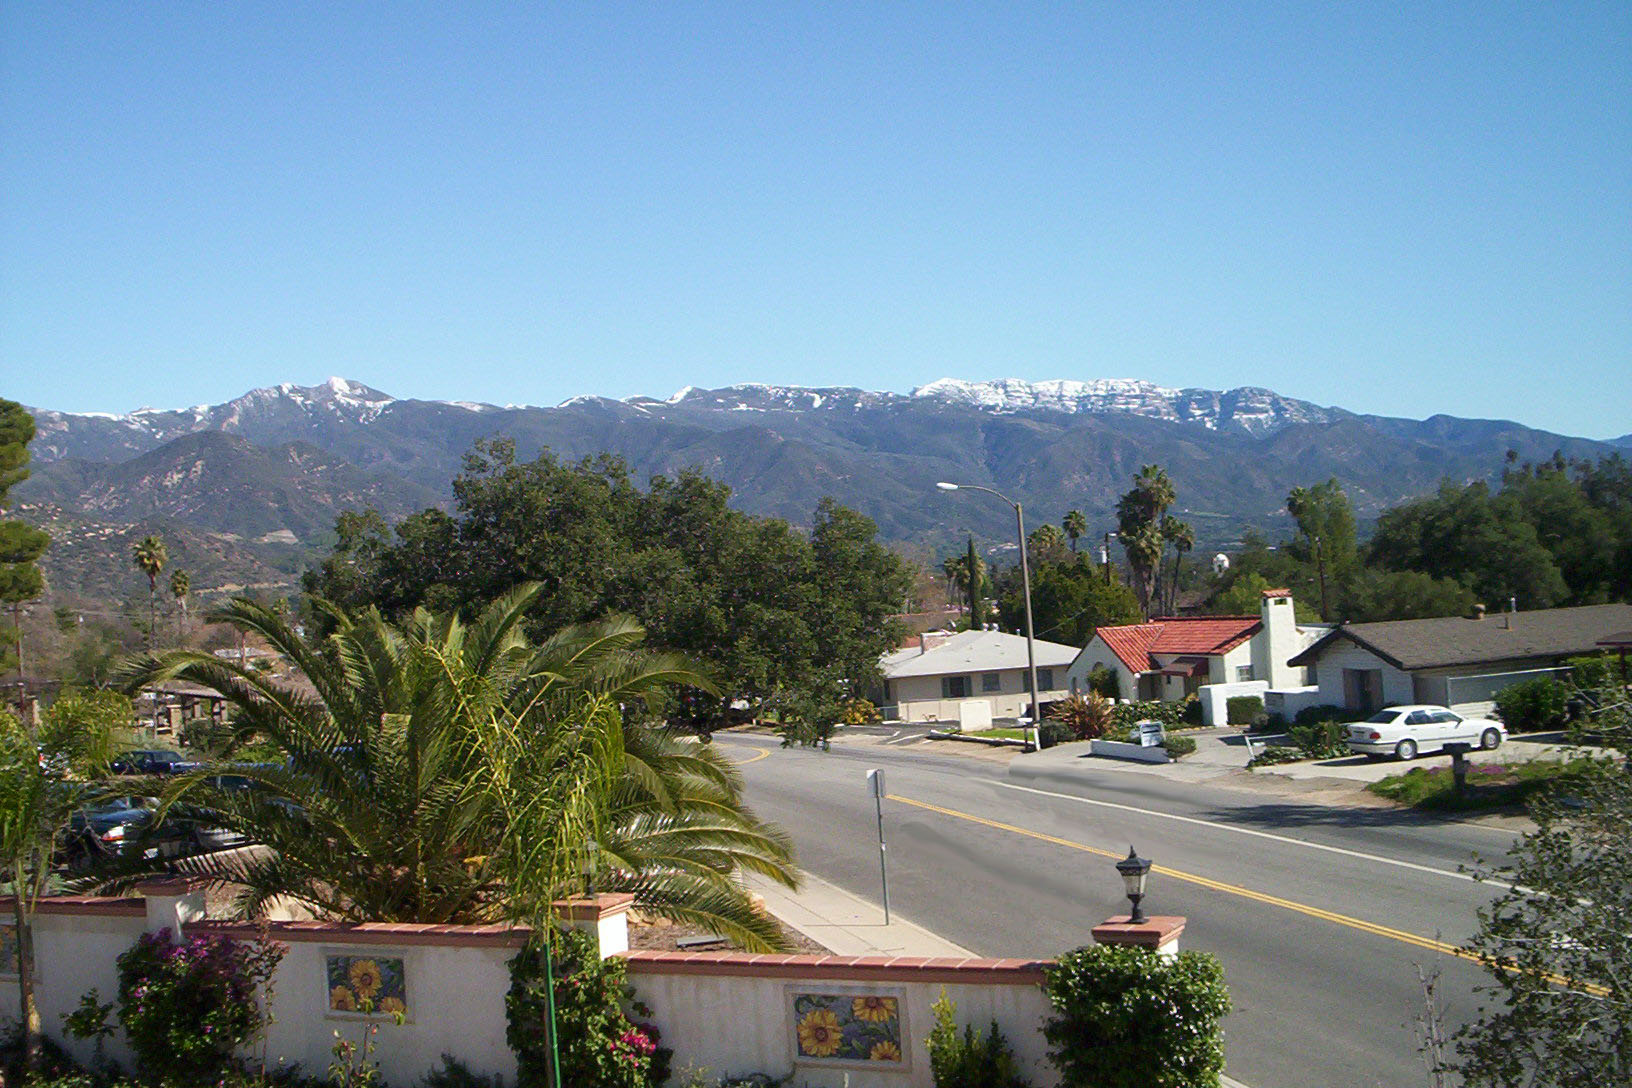 Topatopa_Mountains_Range-EDIT.jpg